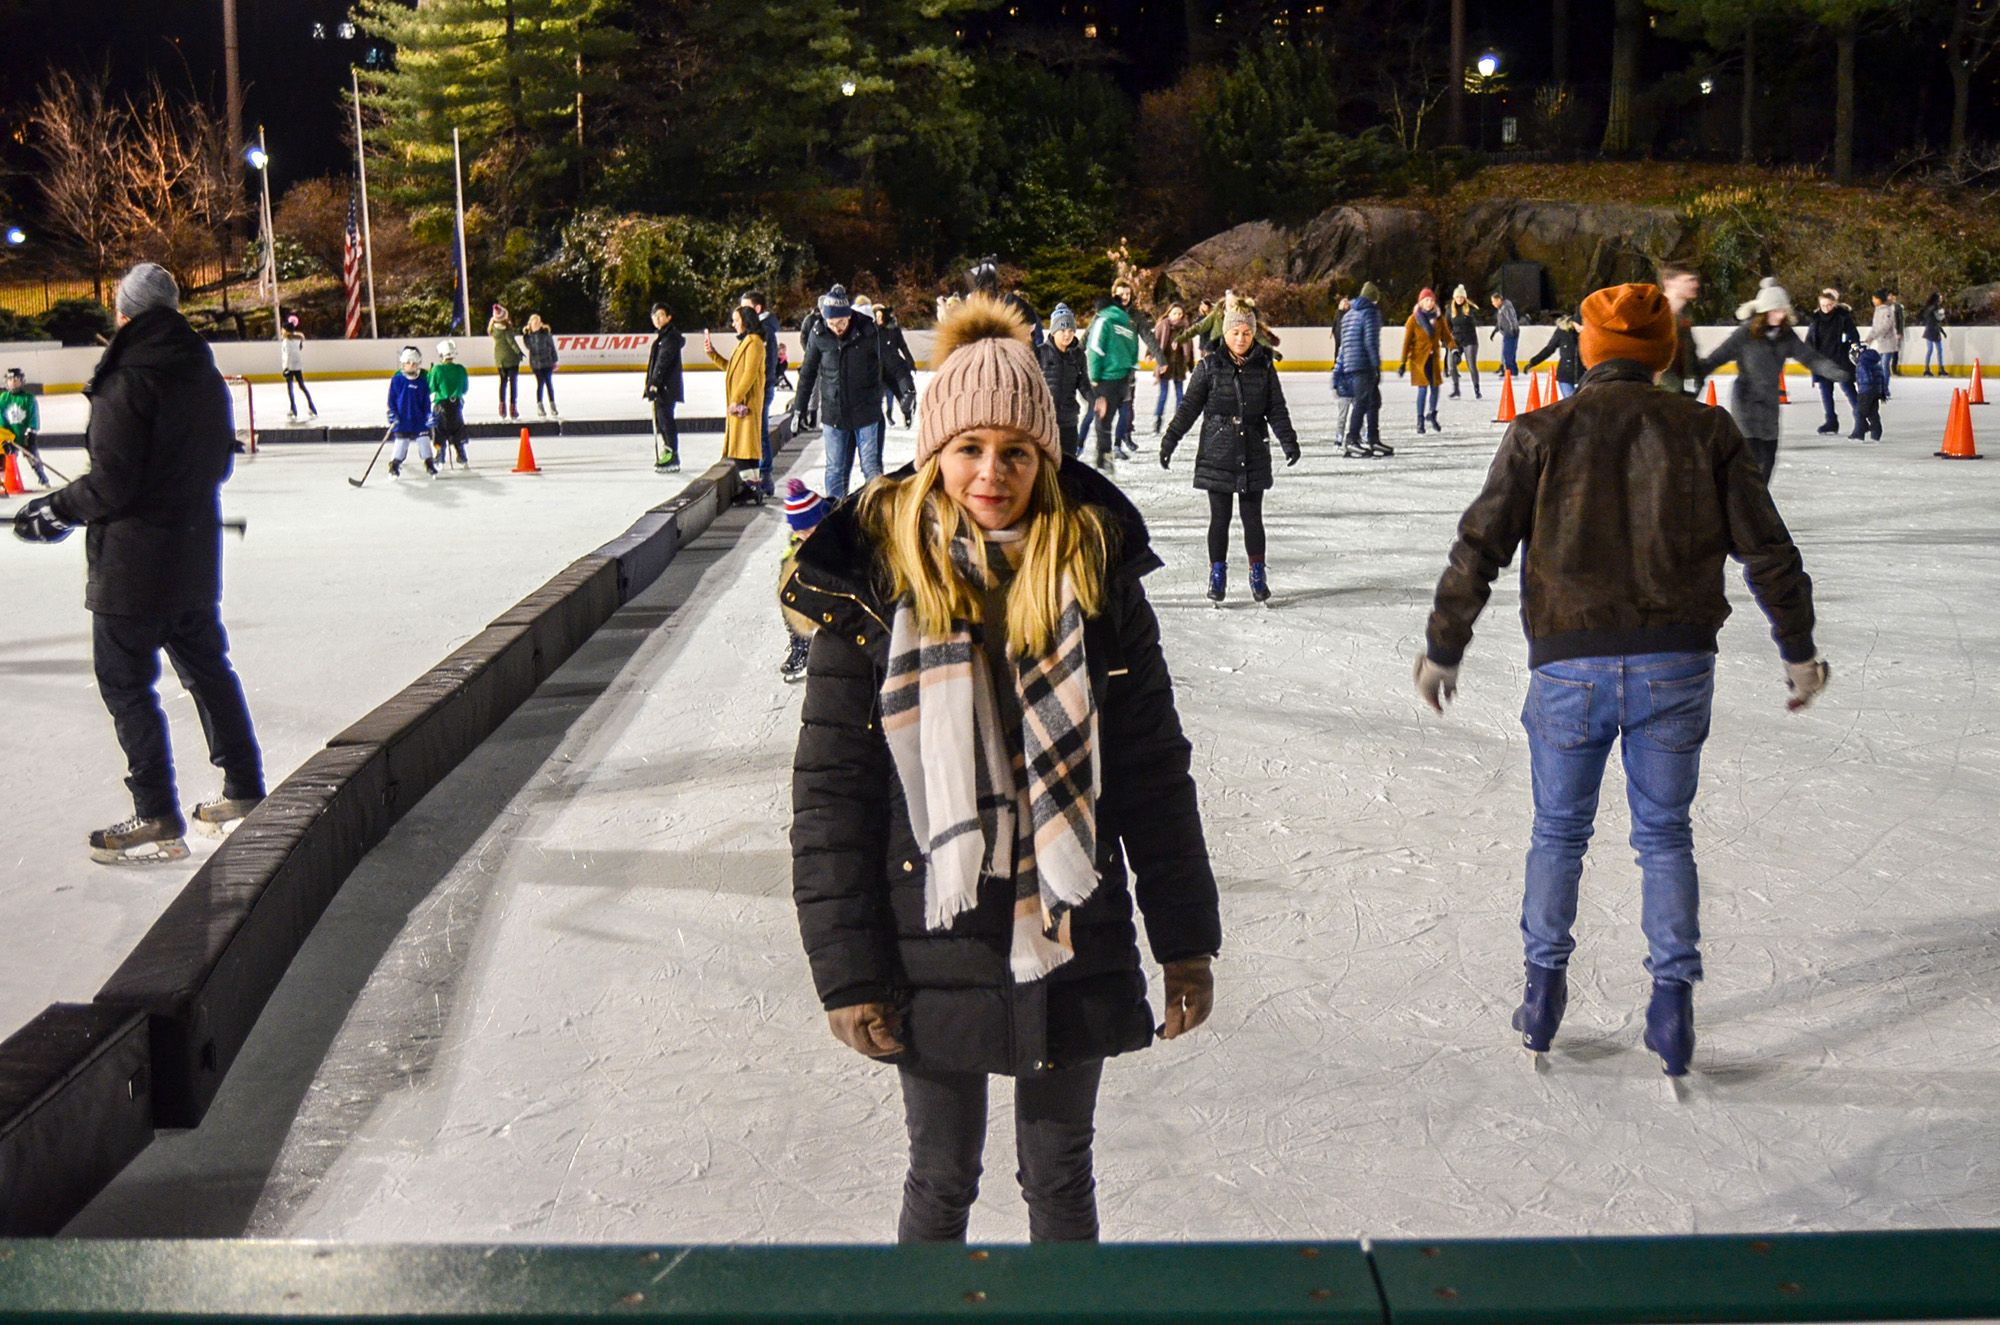 Wollman Rink, Pista de patinaje en Central Park